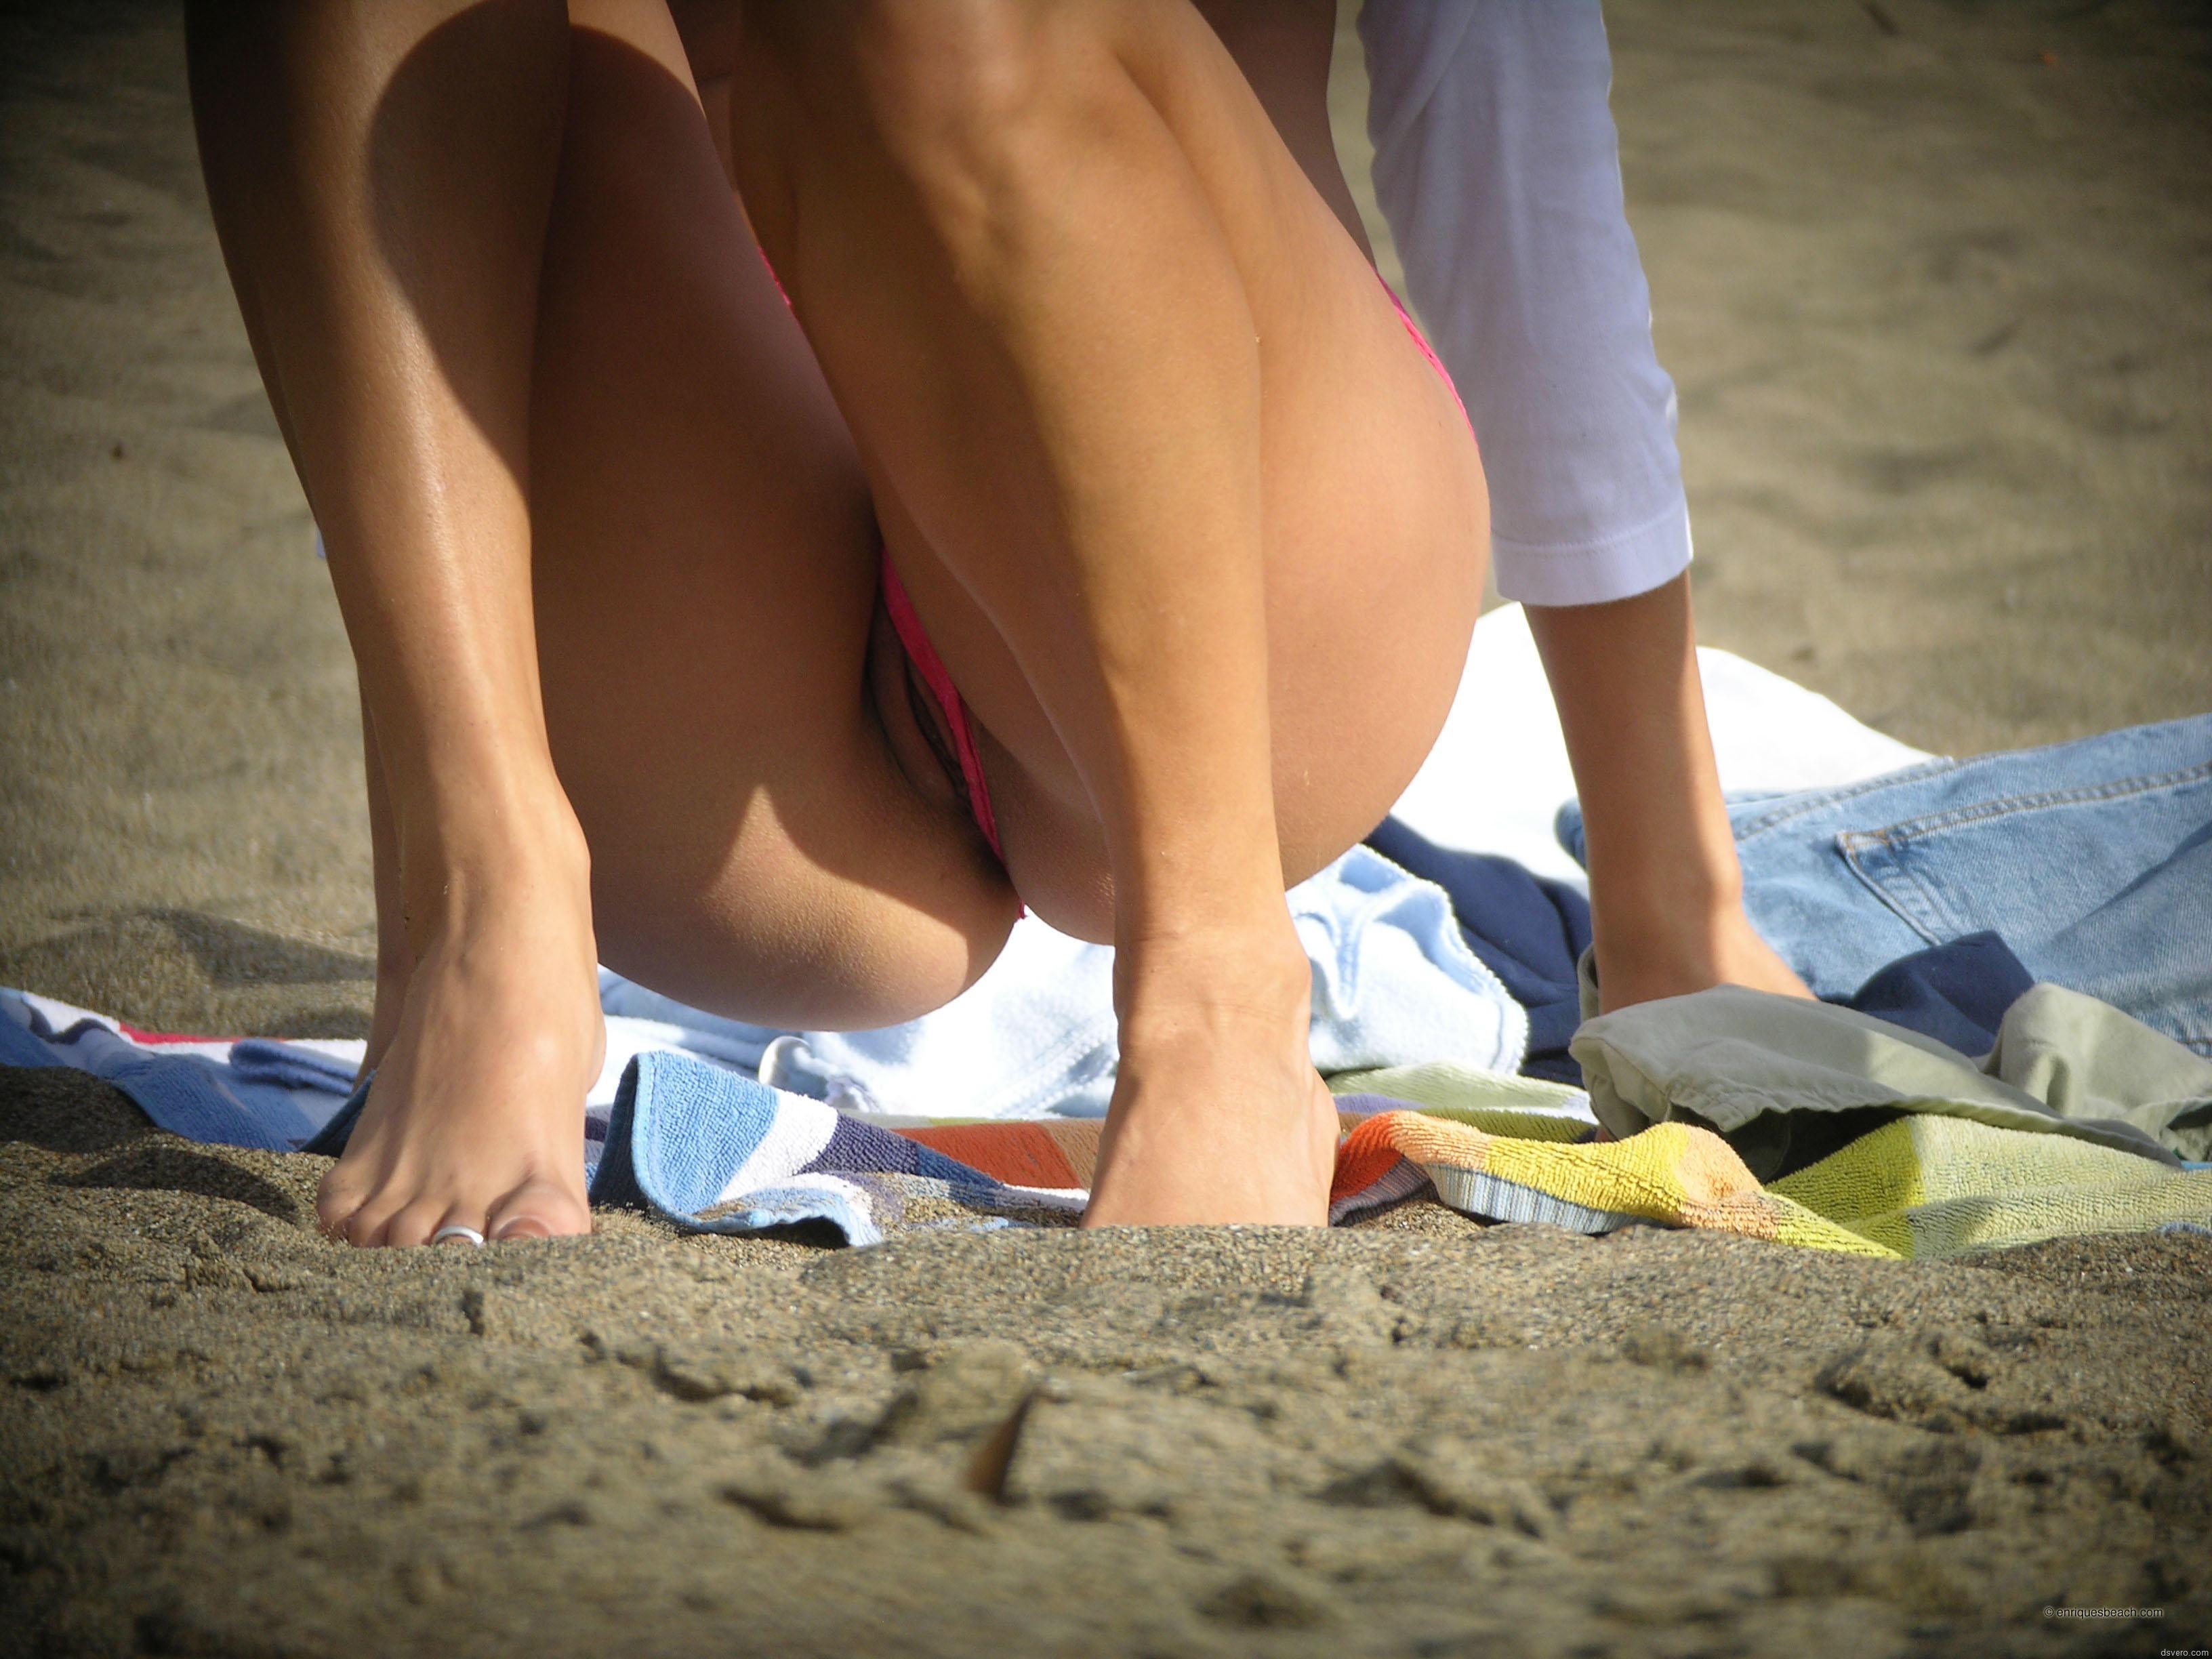 Фото подсмотренное на пляже 29 фотография